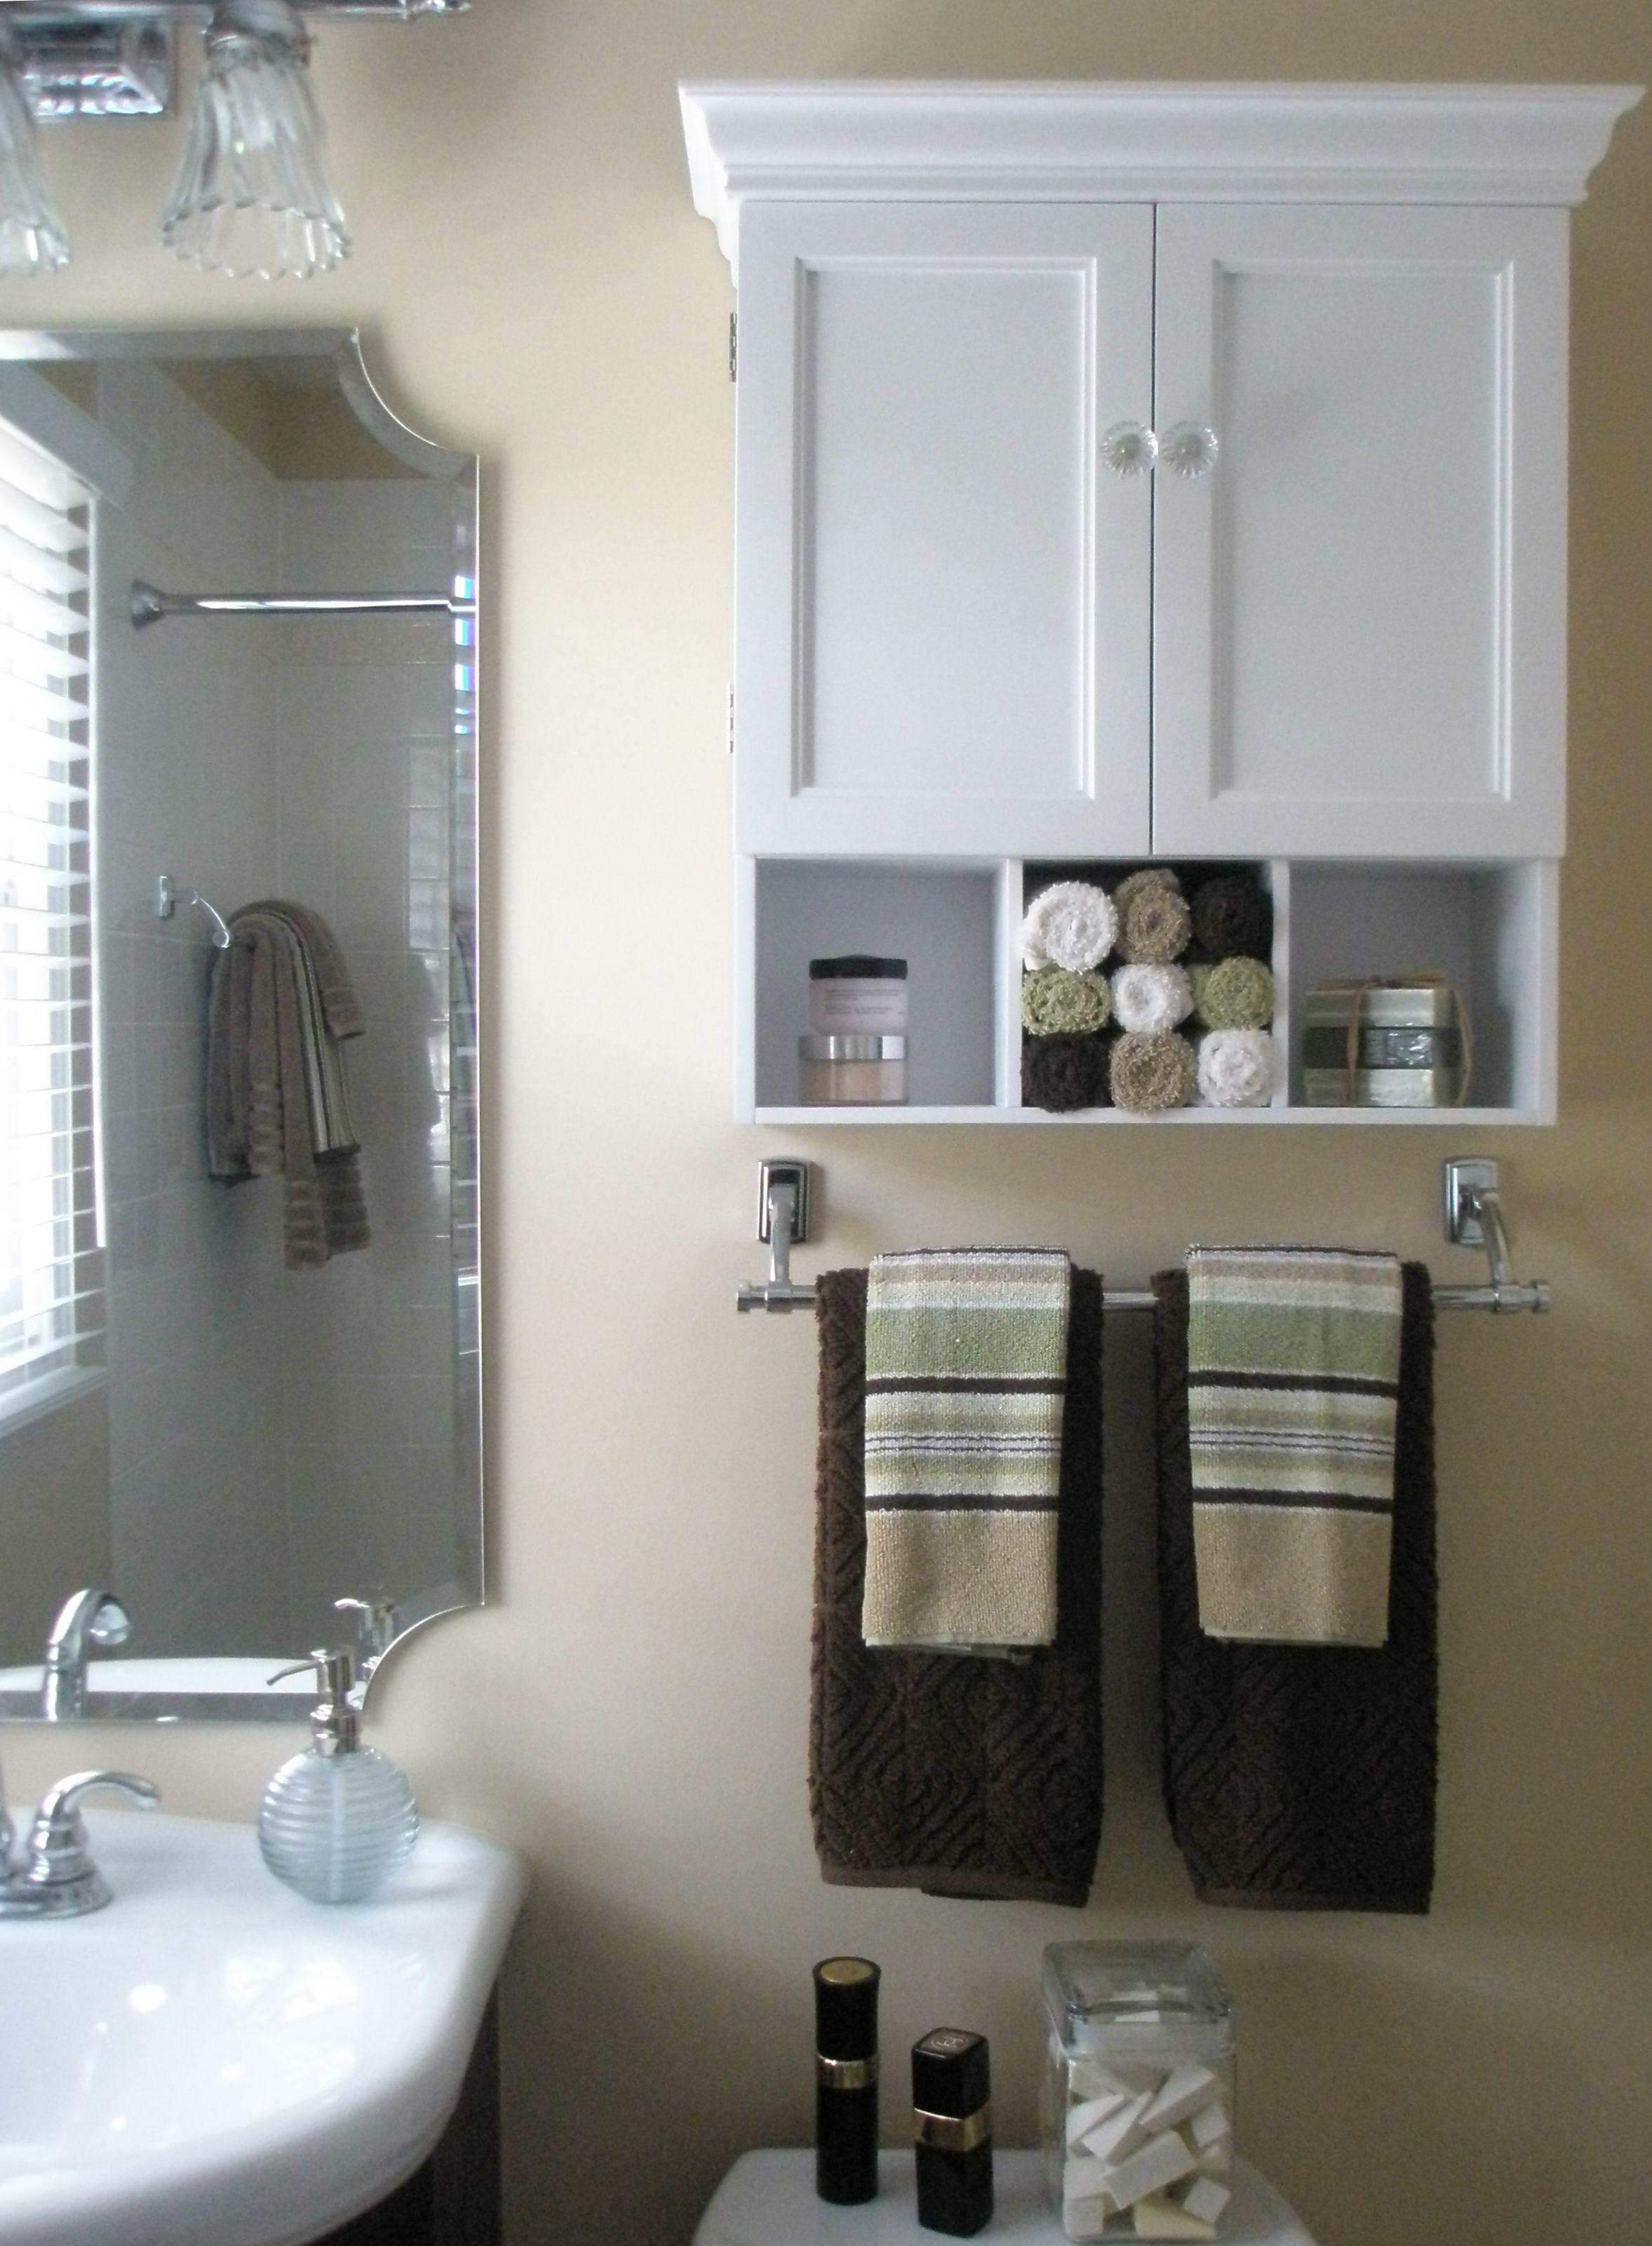 Fresco Of Home Depot Bathroom Design Center | Bathroom Design Inspiration |  Pinterest | Bathroom Designs And Bathroom Design Inspiration